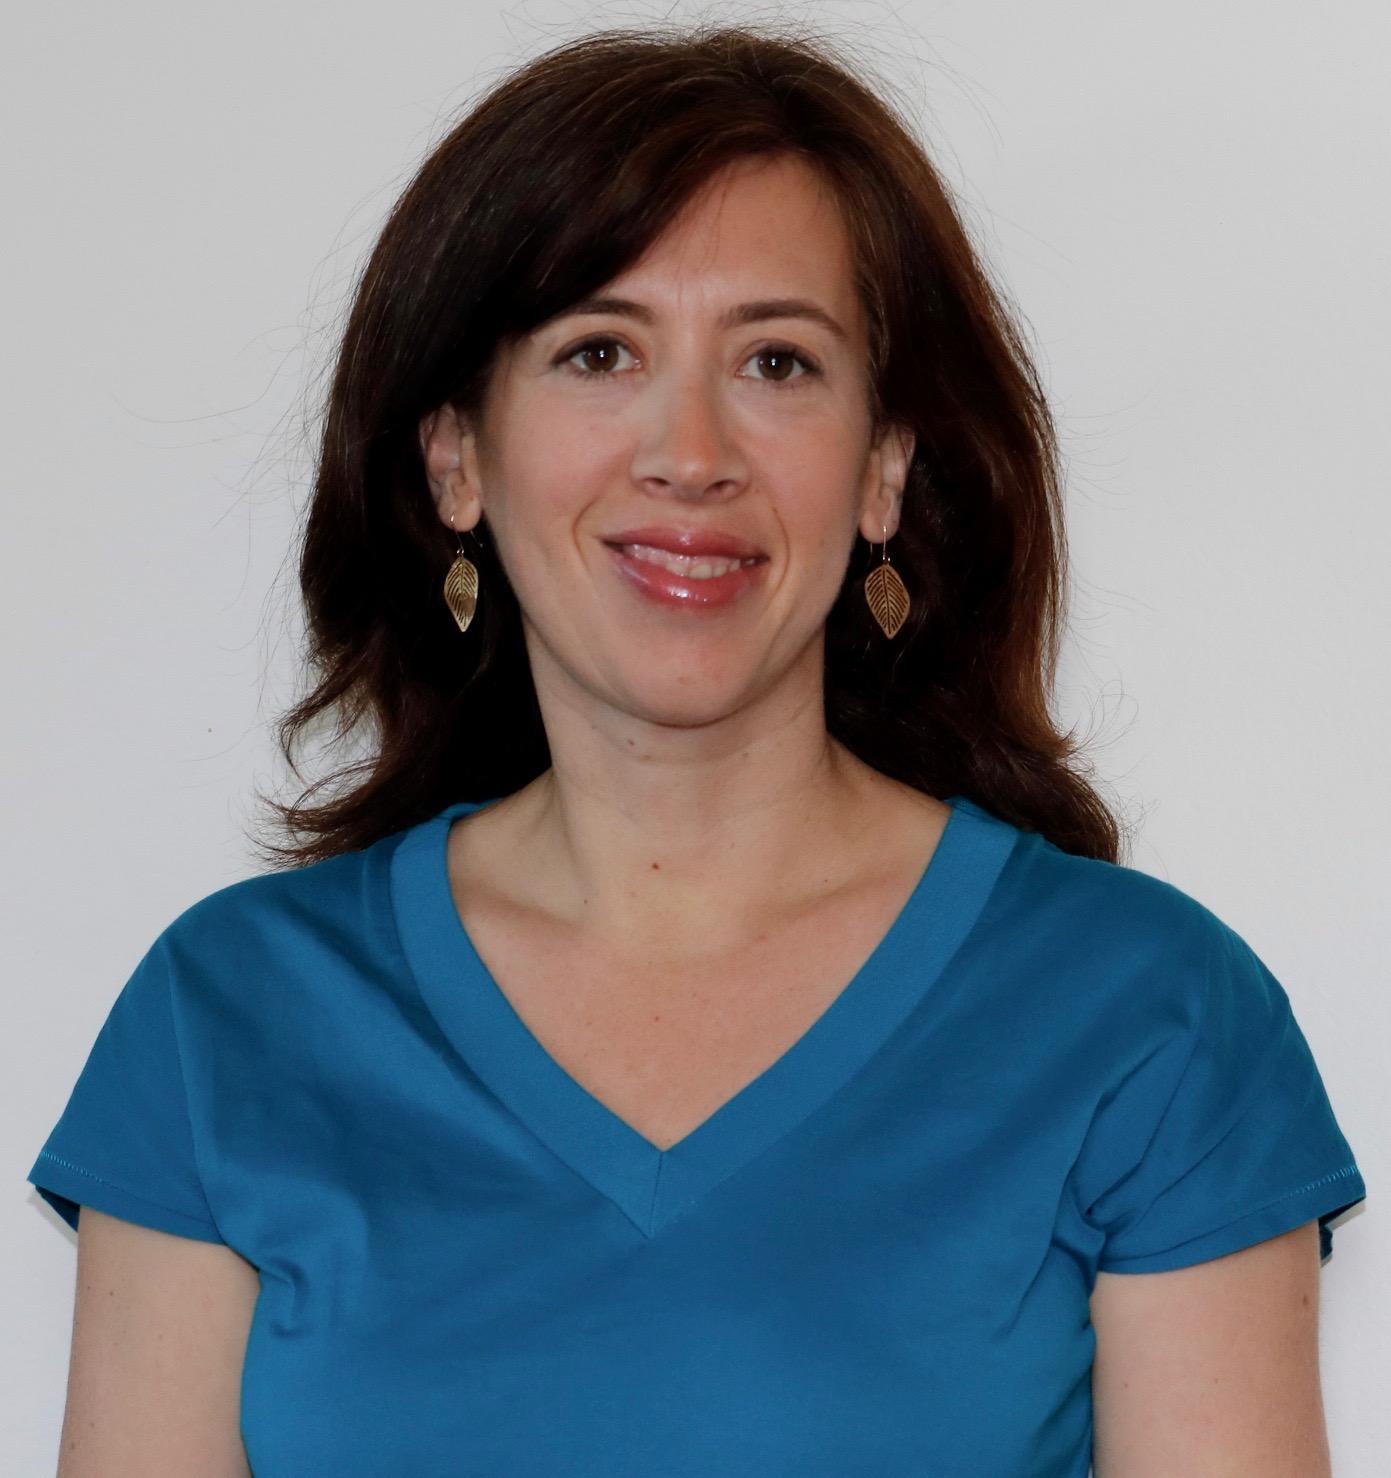 Juliette Potin